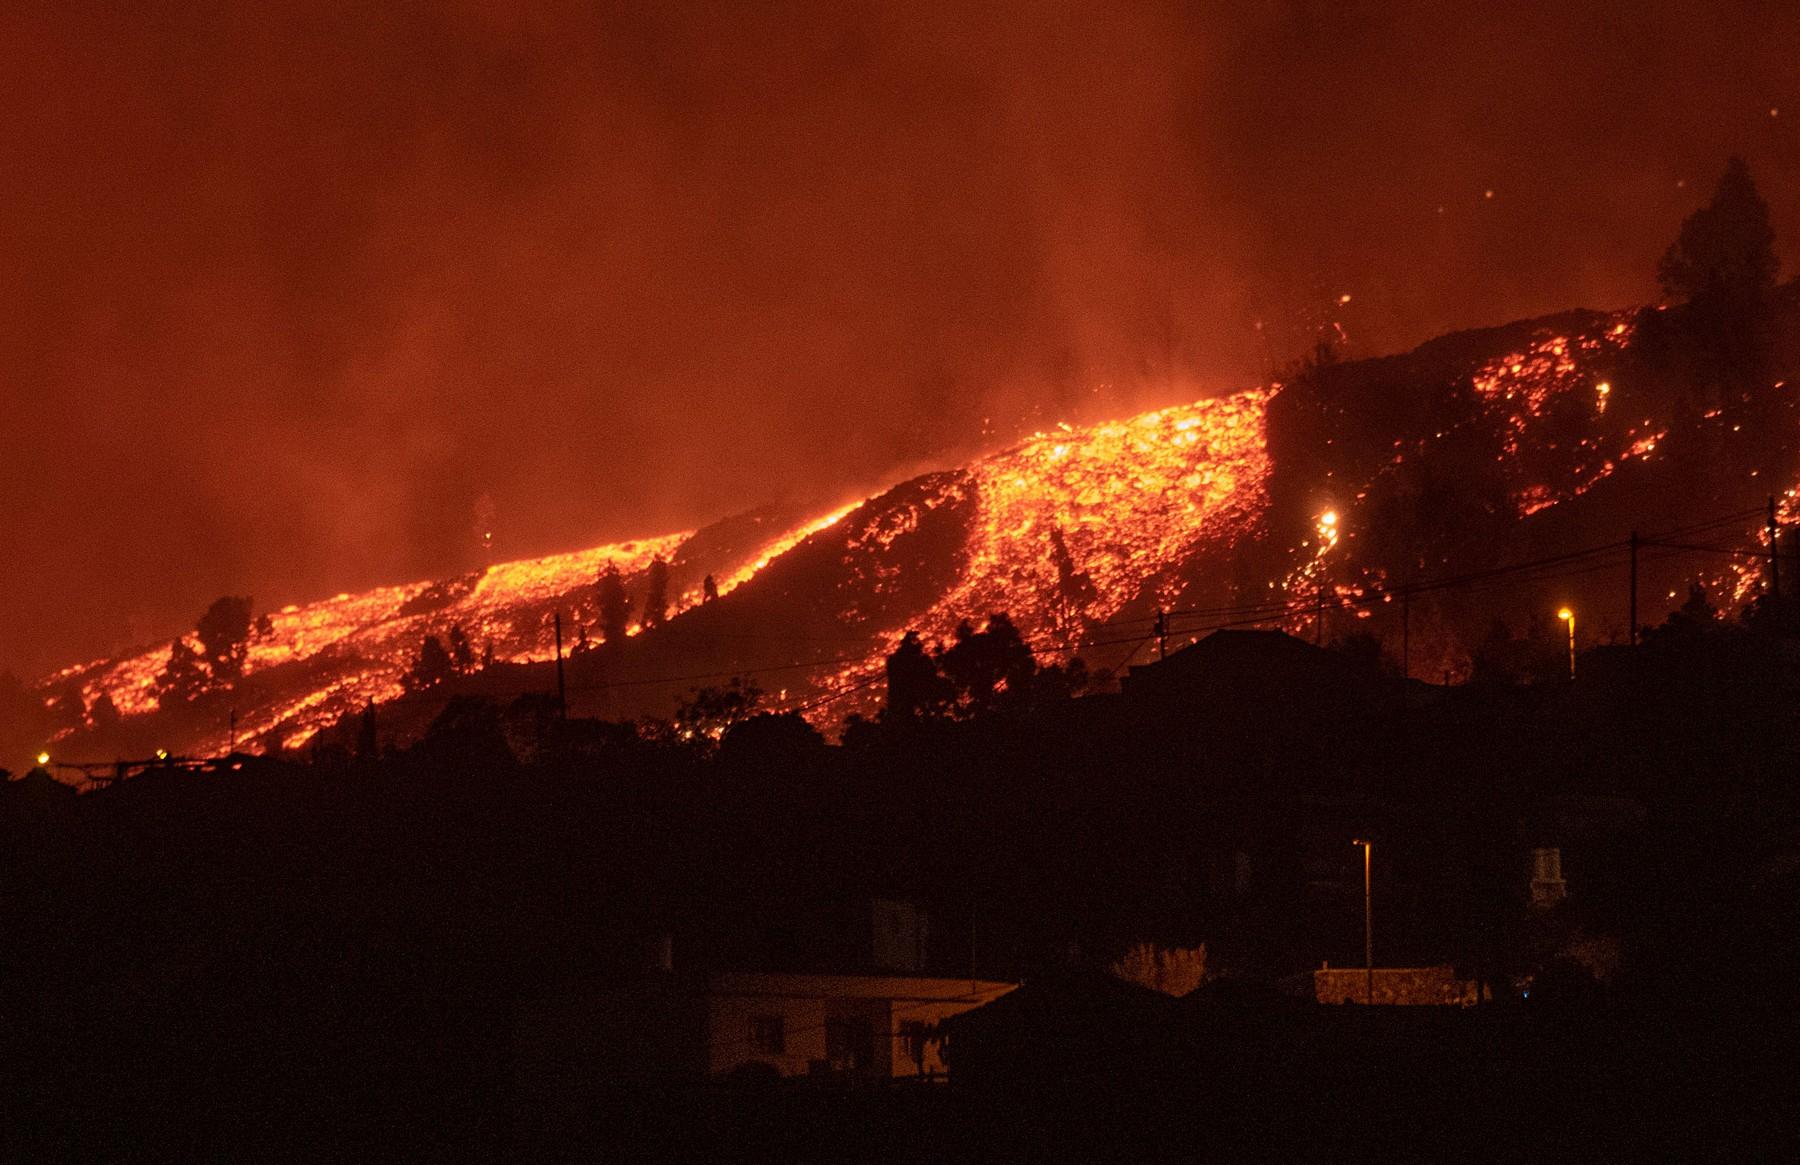 Na španělském ostrově La Palma, jednom z Kanárských ostrovů, evakuovali kvůli nedělní erupci sopky Cumbre Vieja na 5000 lidí. Oběti ani zranění nejsou hlášeni, zničena byla asi stovka domů a rozsáhlá území půdy.